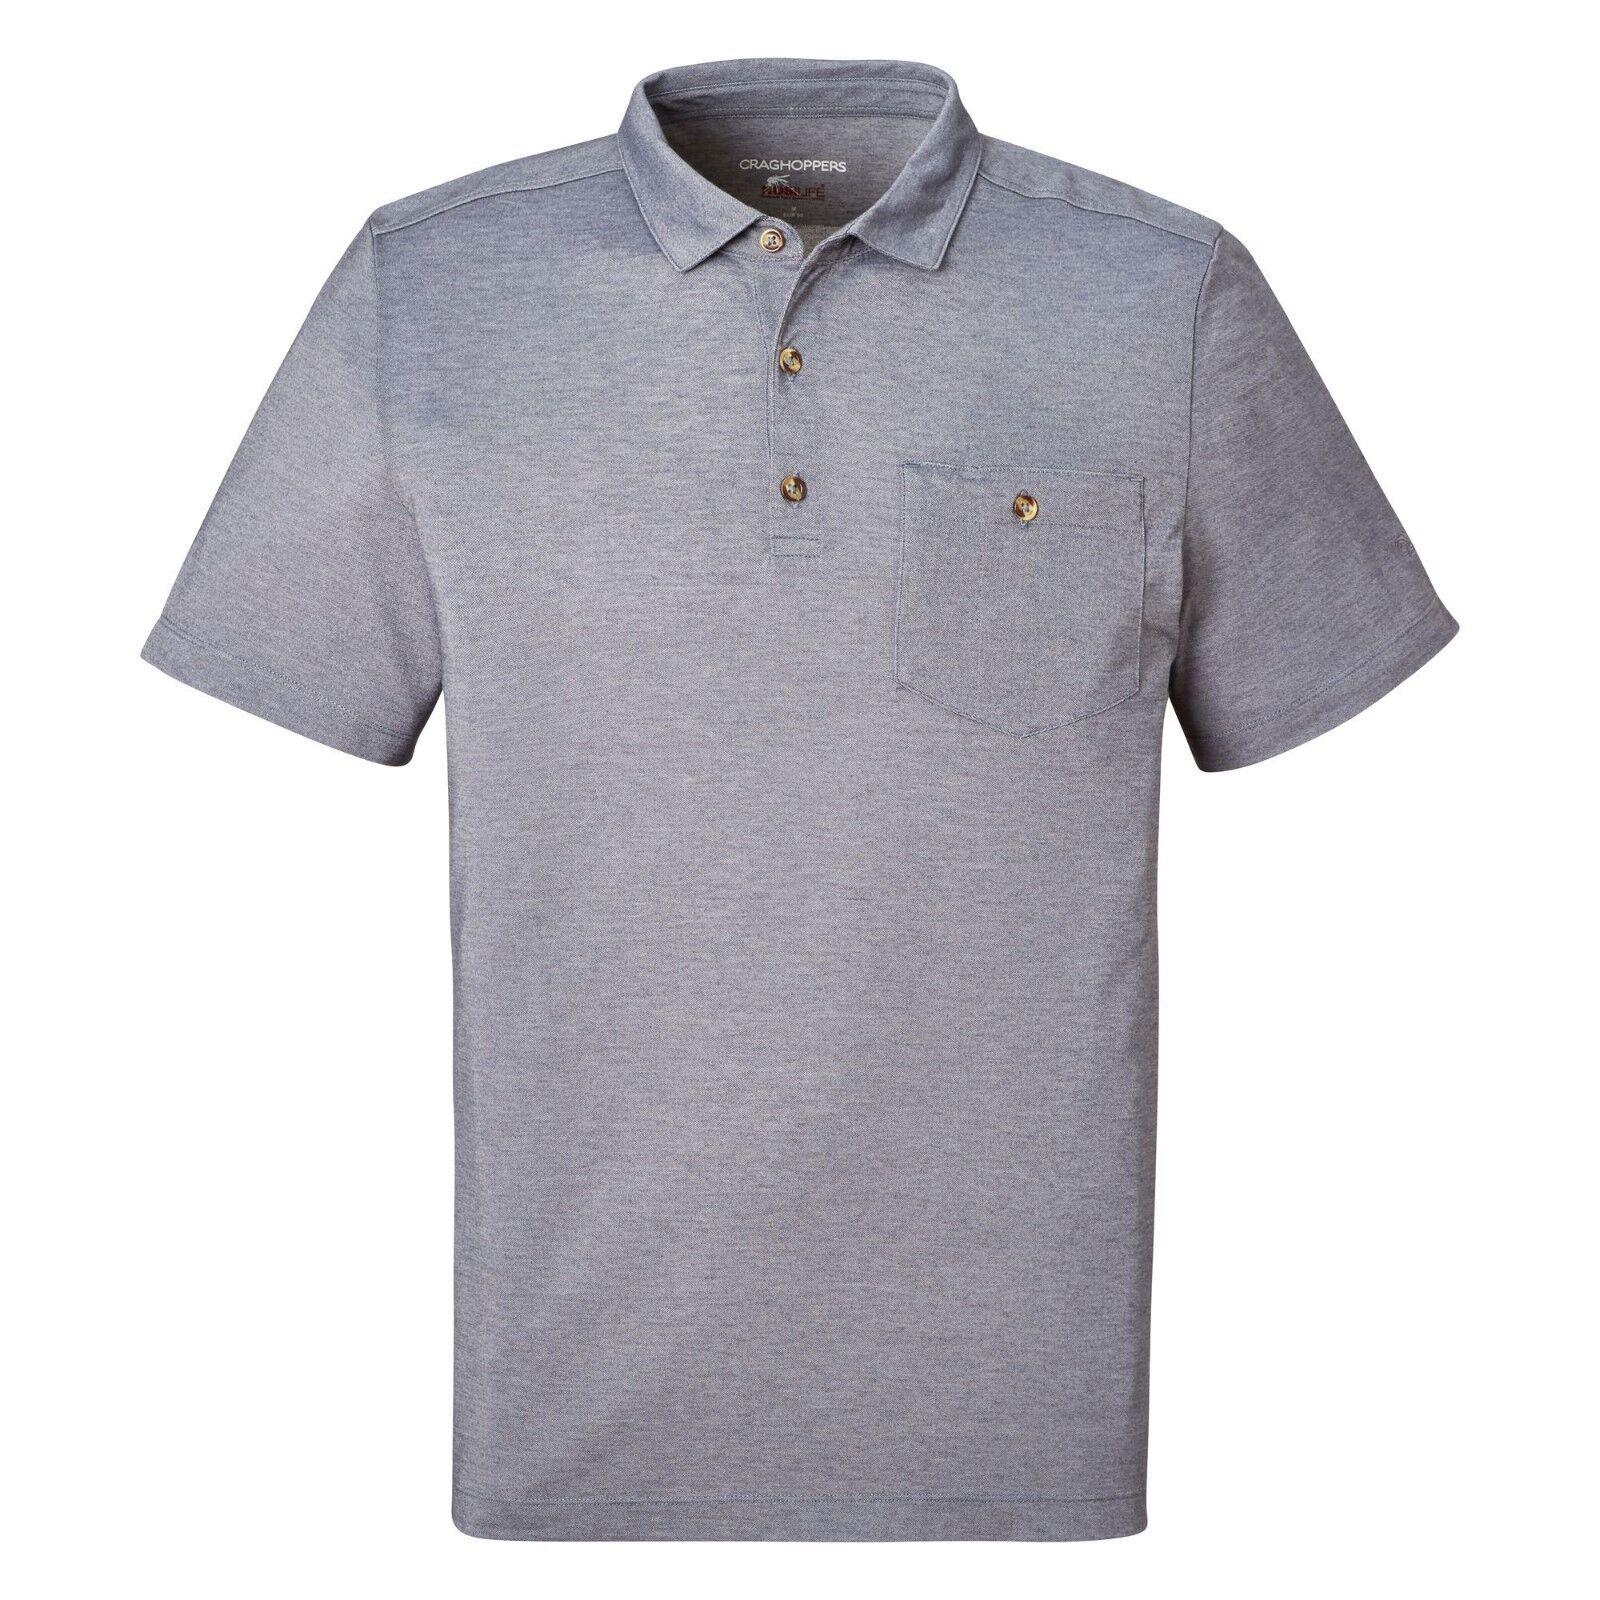 Craghoppers Men's NosiLife Gilles Short-Sleeved Polo - Ombre bluee Marl